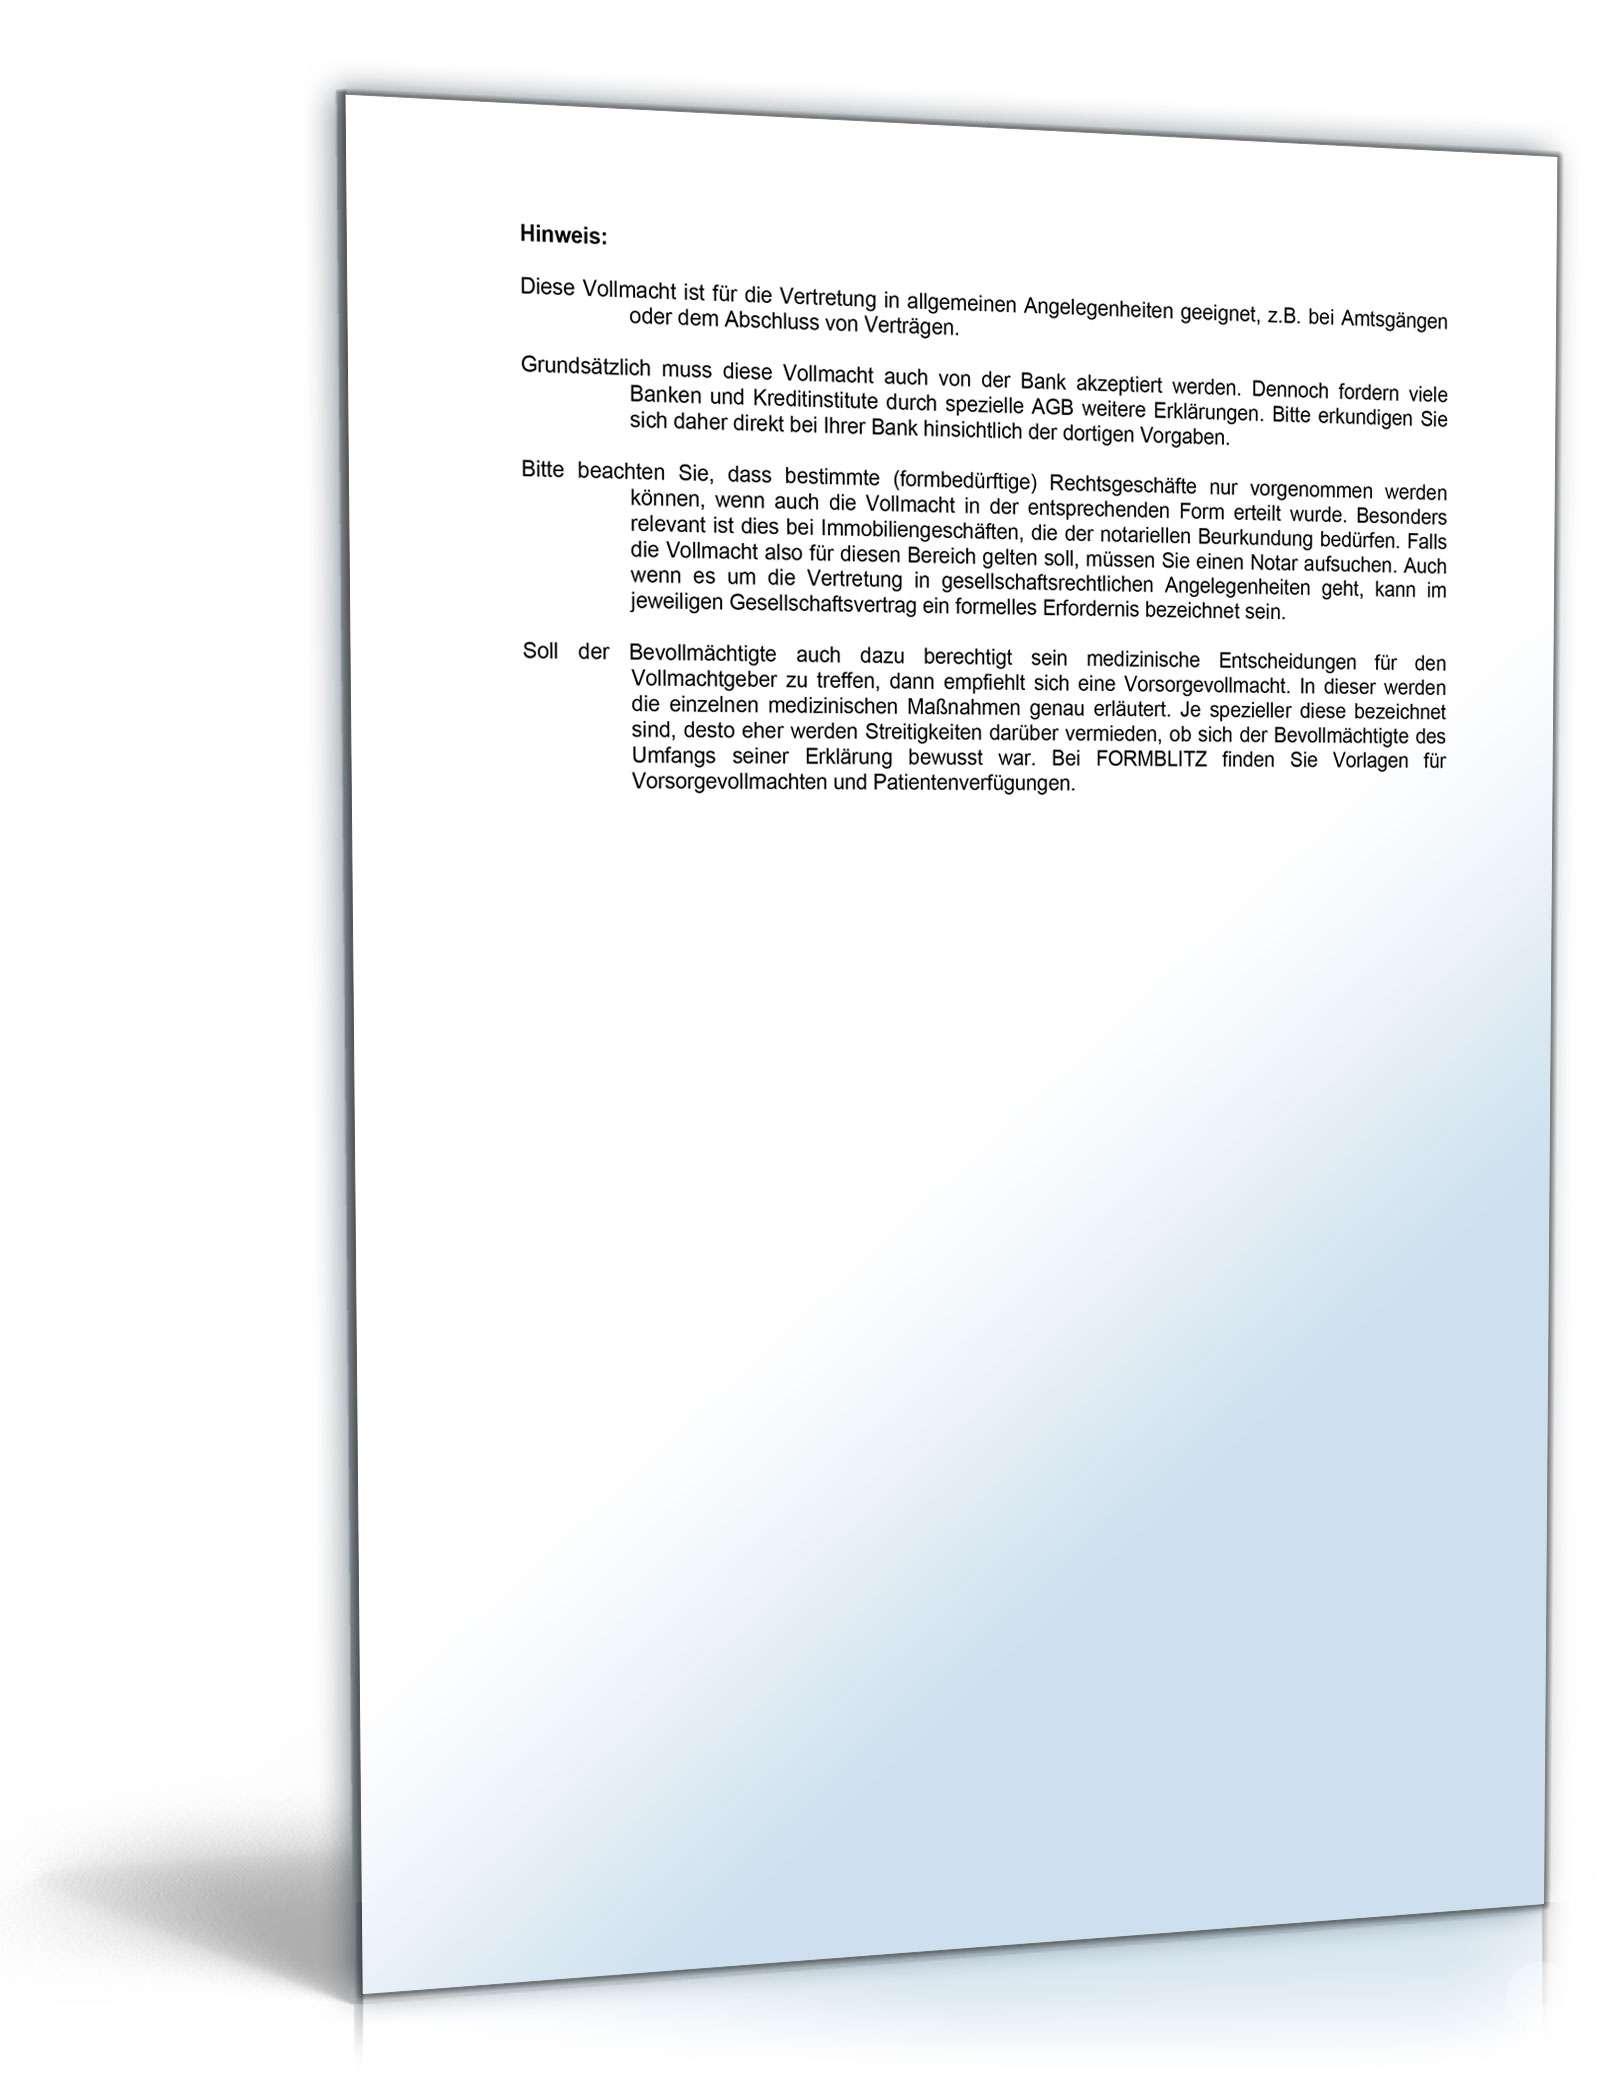 zivilrechtine berliner testament der mustermann testament